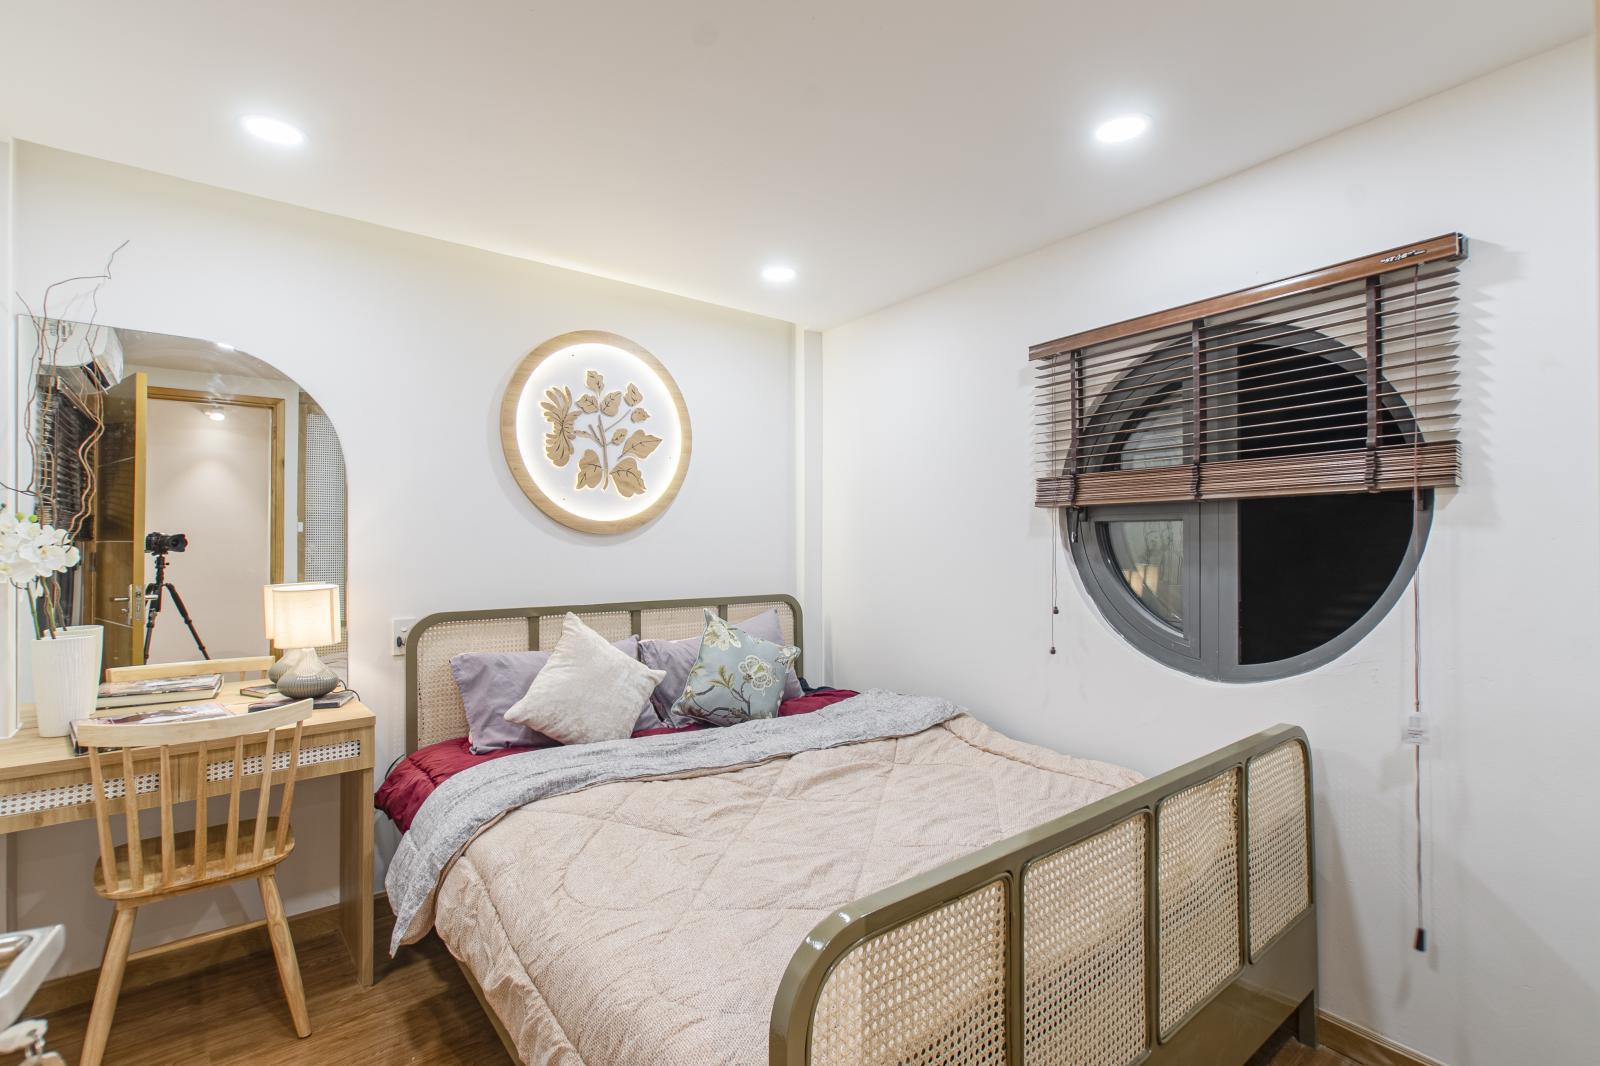 phòng ngủ hiện đại với gam màu trắng